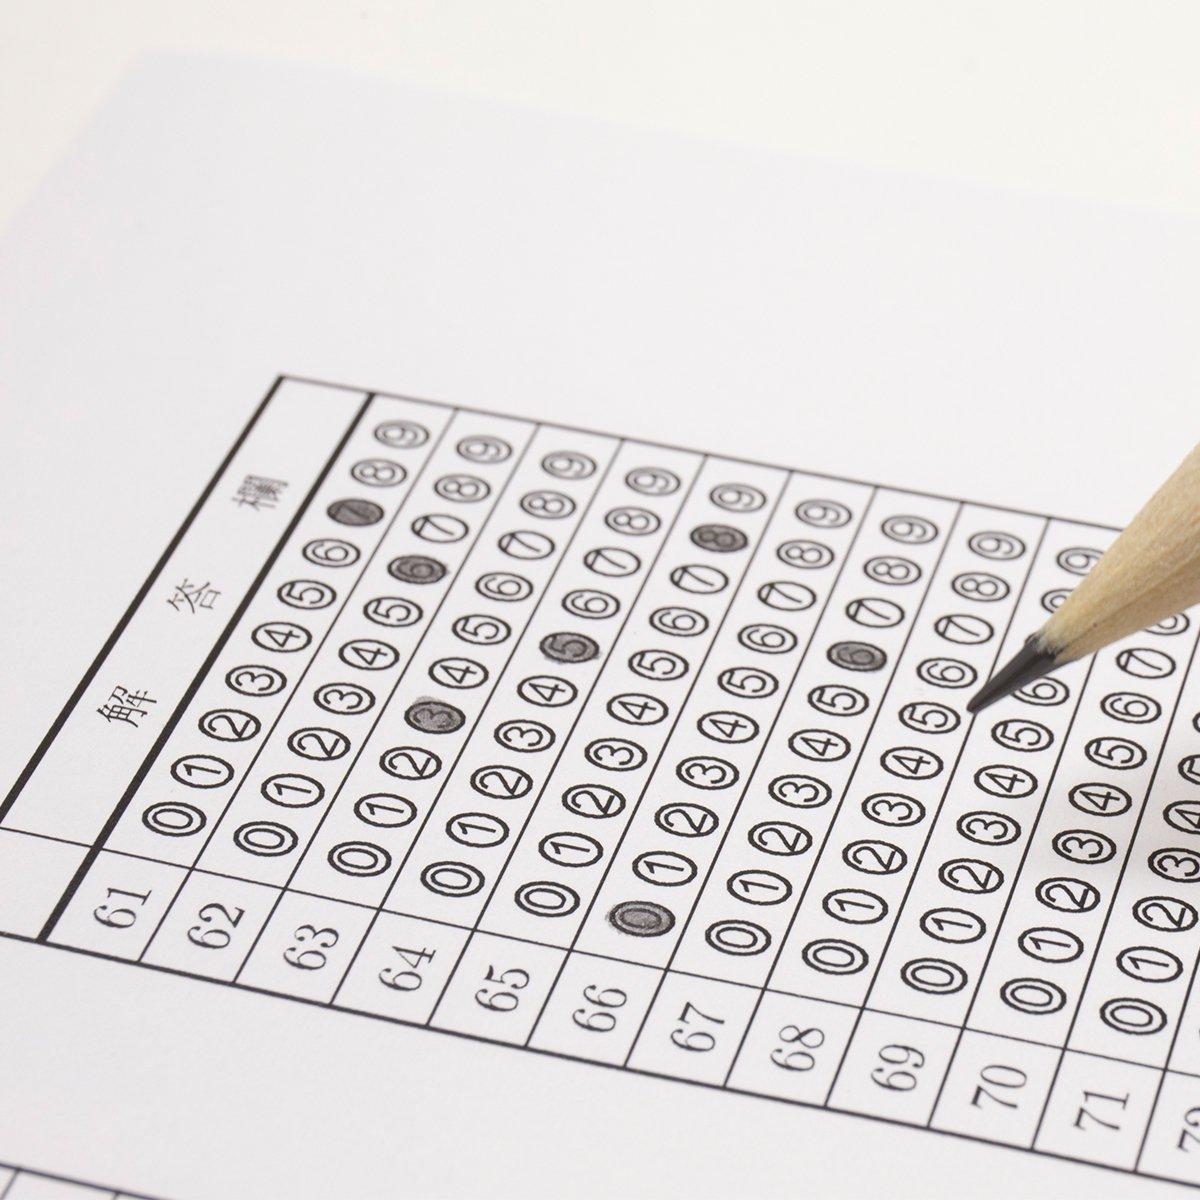 マークシート用鉛筆のおすすめ5選!転がりにくい形状も